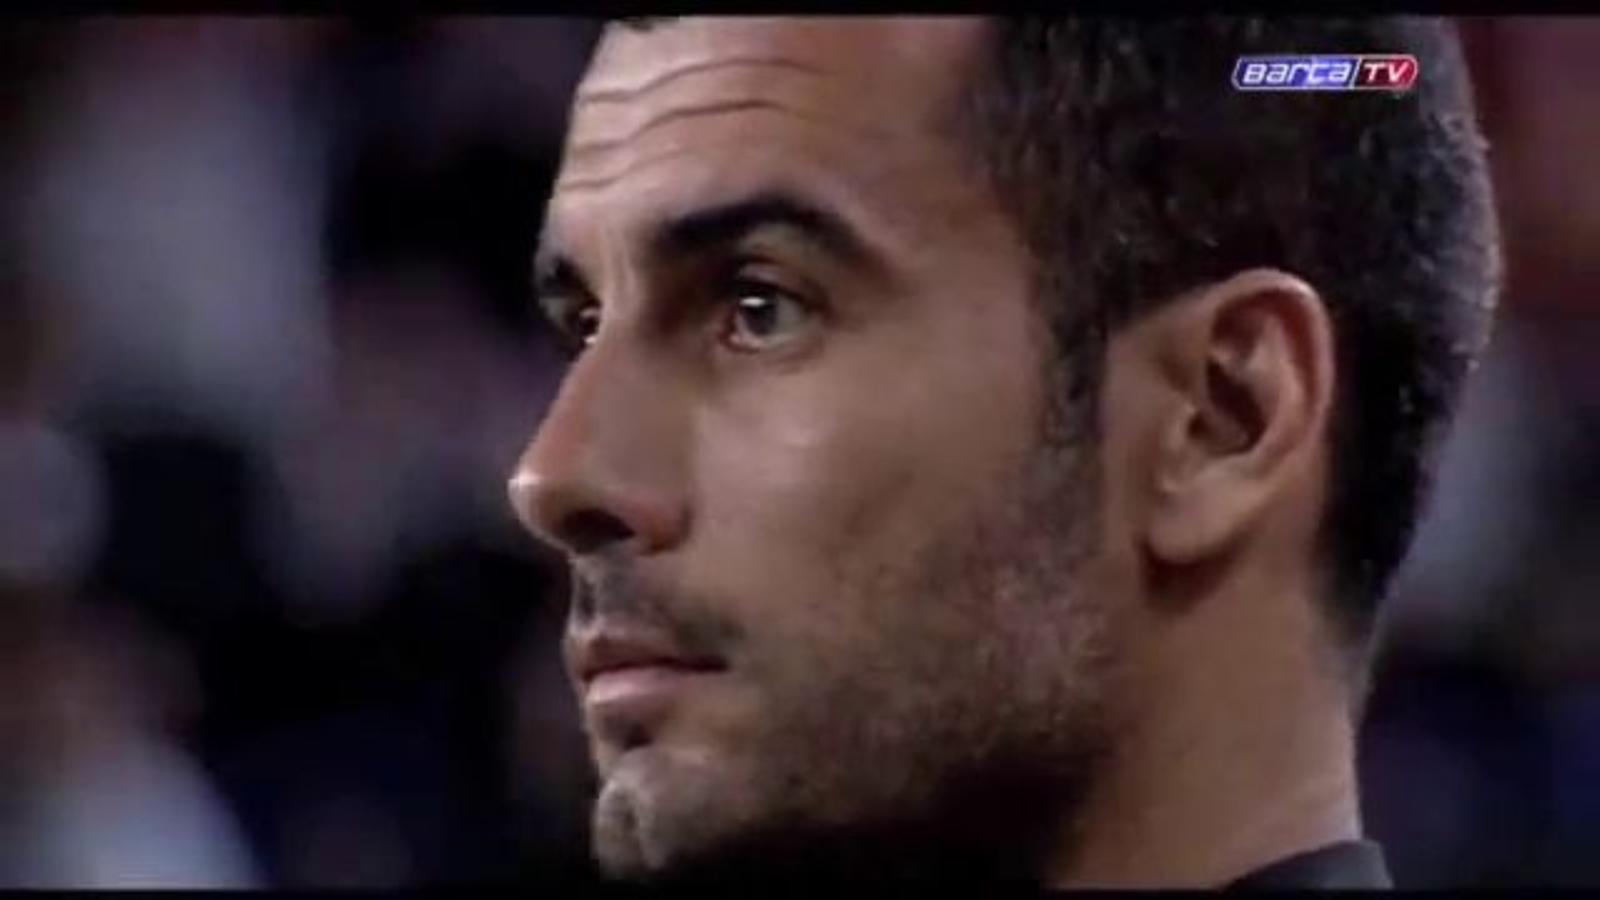 El Camp Nou ret homenatge a Pep Guardiola